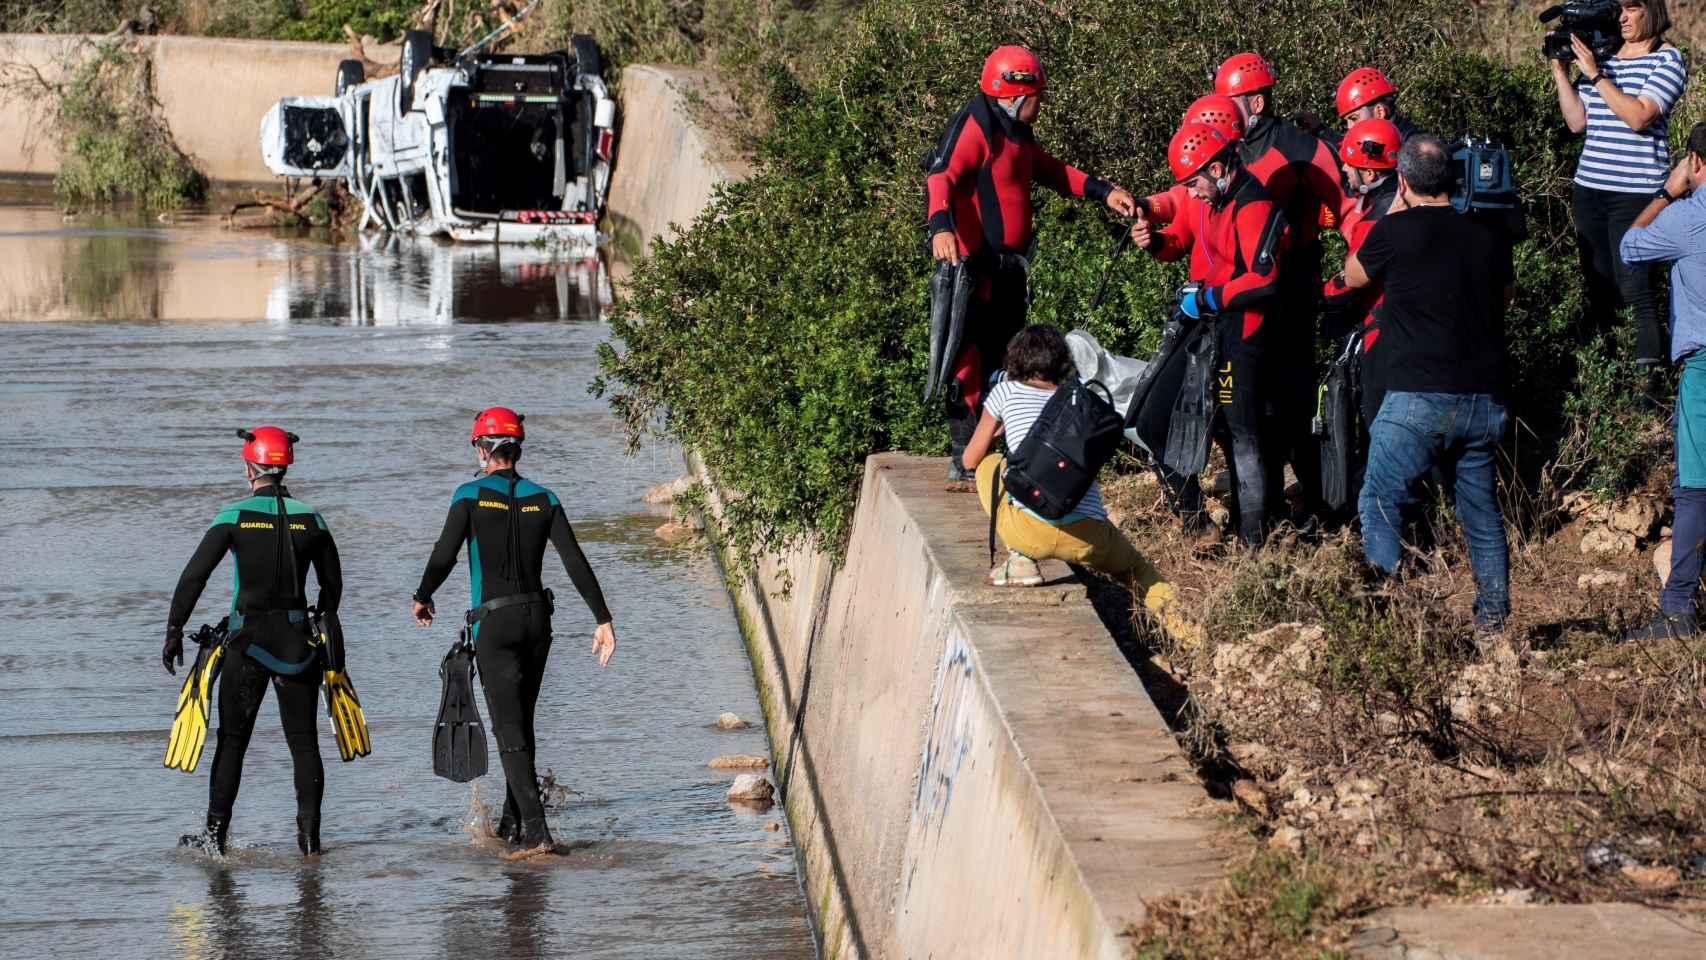 La principal misión: encontrar a las 3 personas desaparecidas en Mallorca